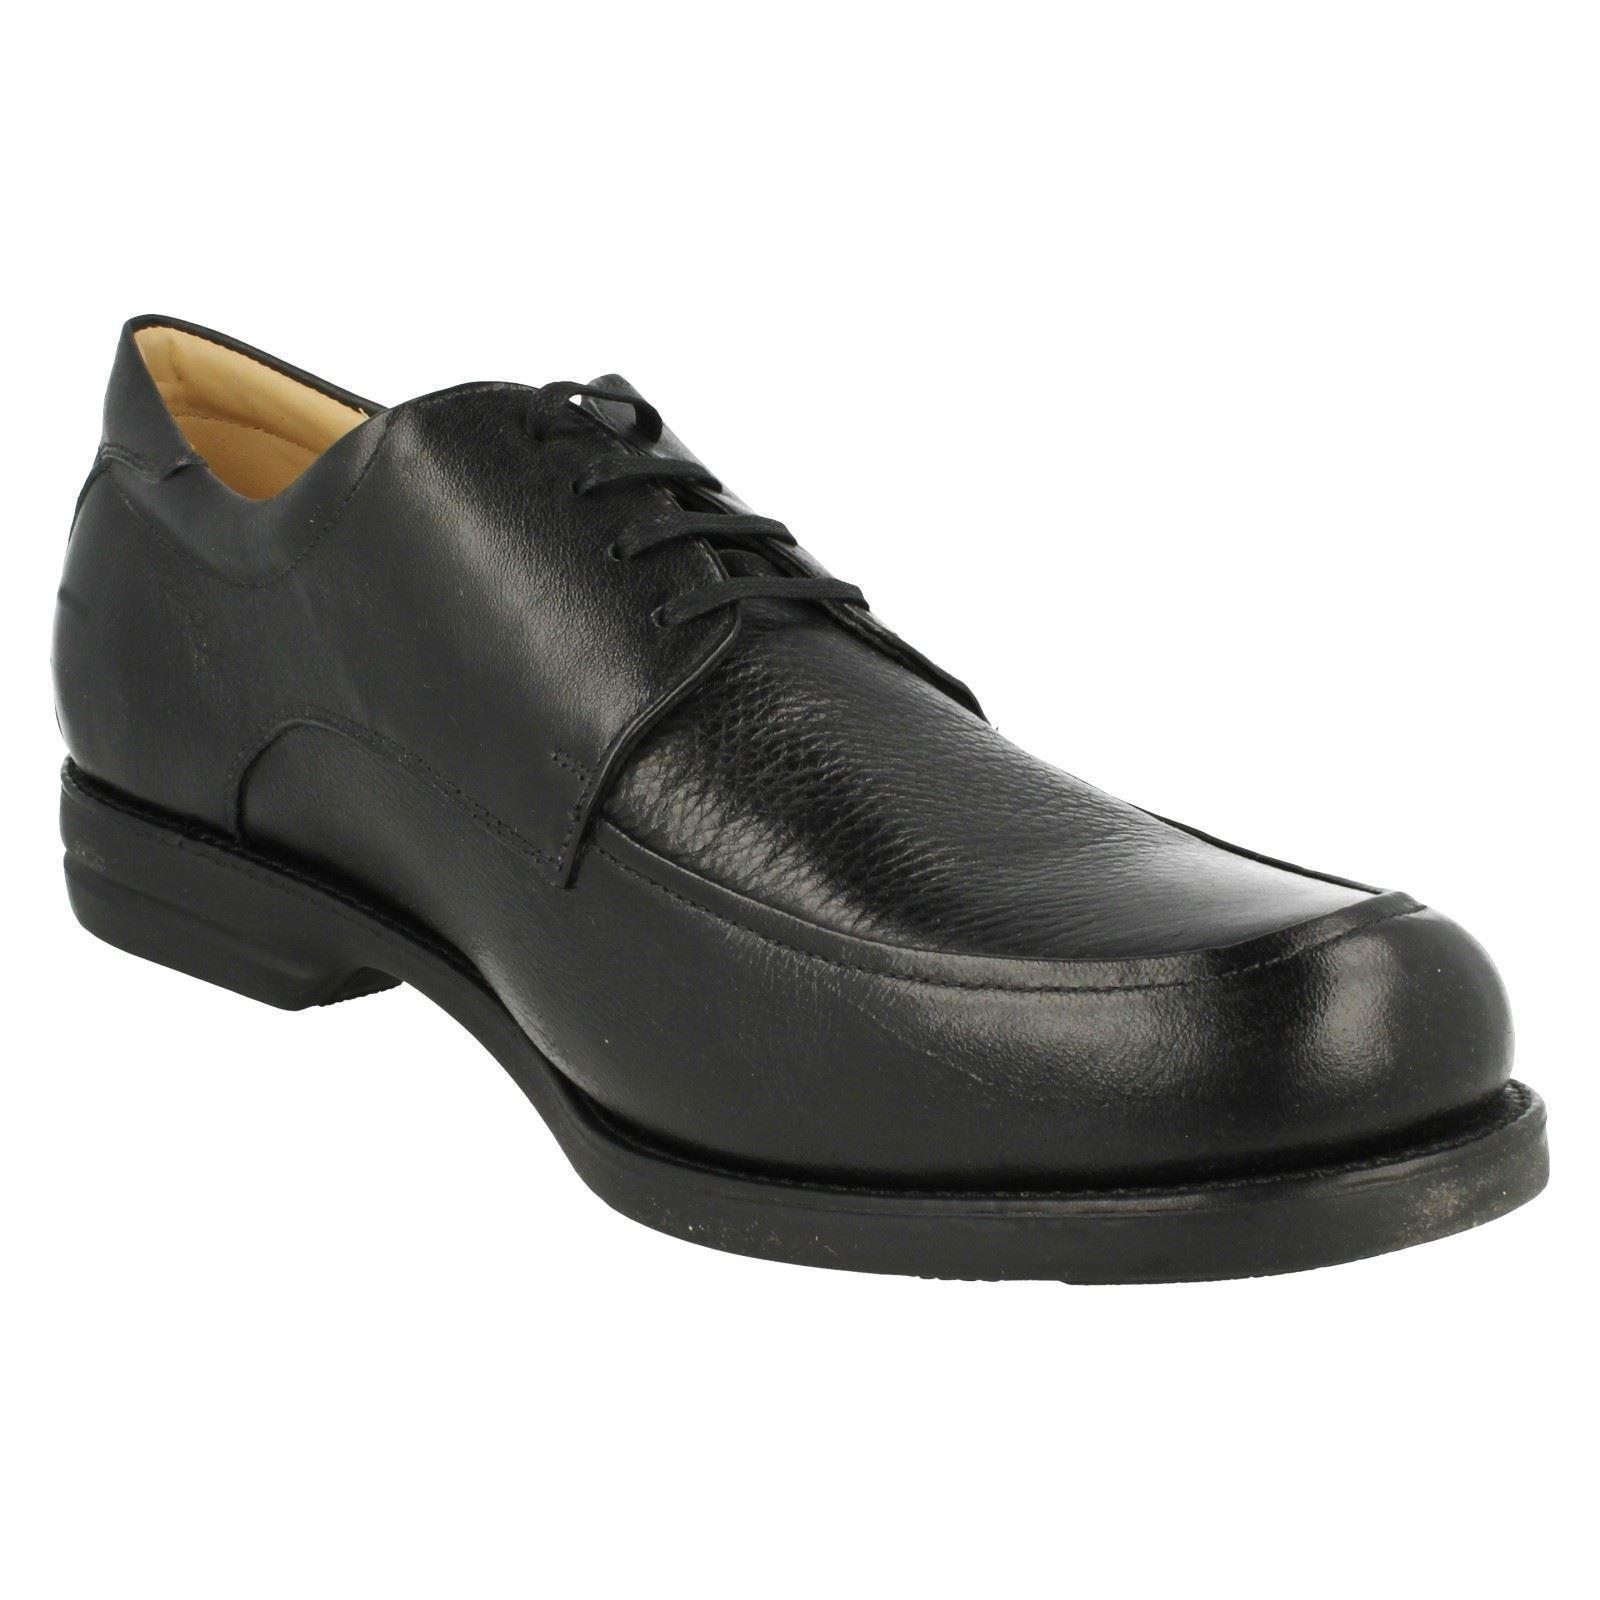 Herren Anapolis schwarzes Leder Co spitze Schuhe von Anatomic and Co Leder Einzelhandel d11acf